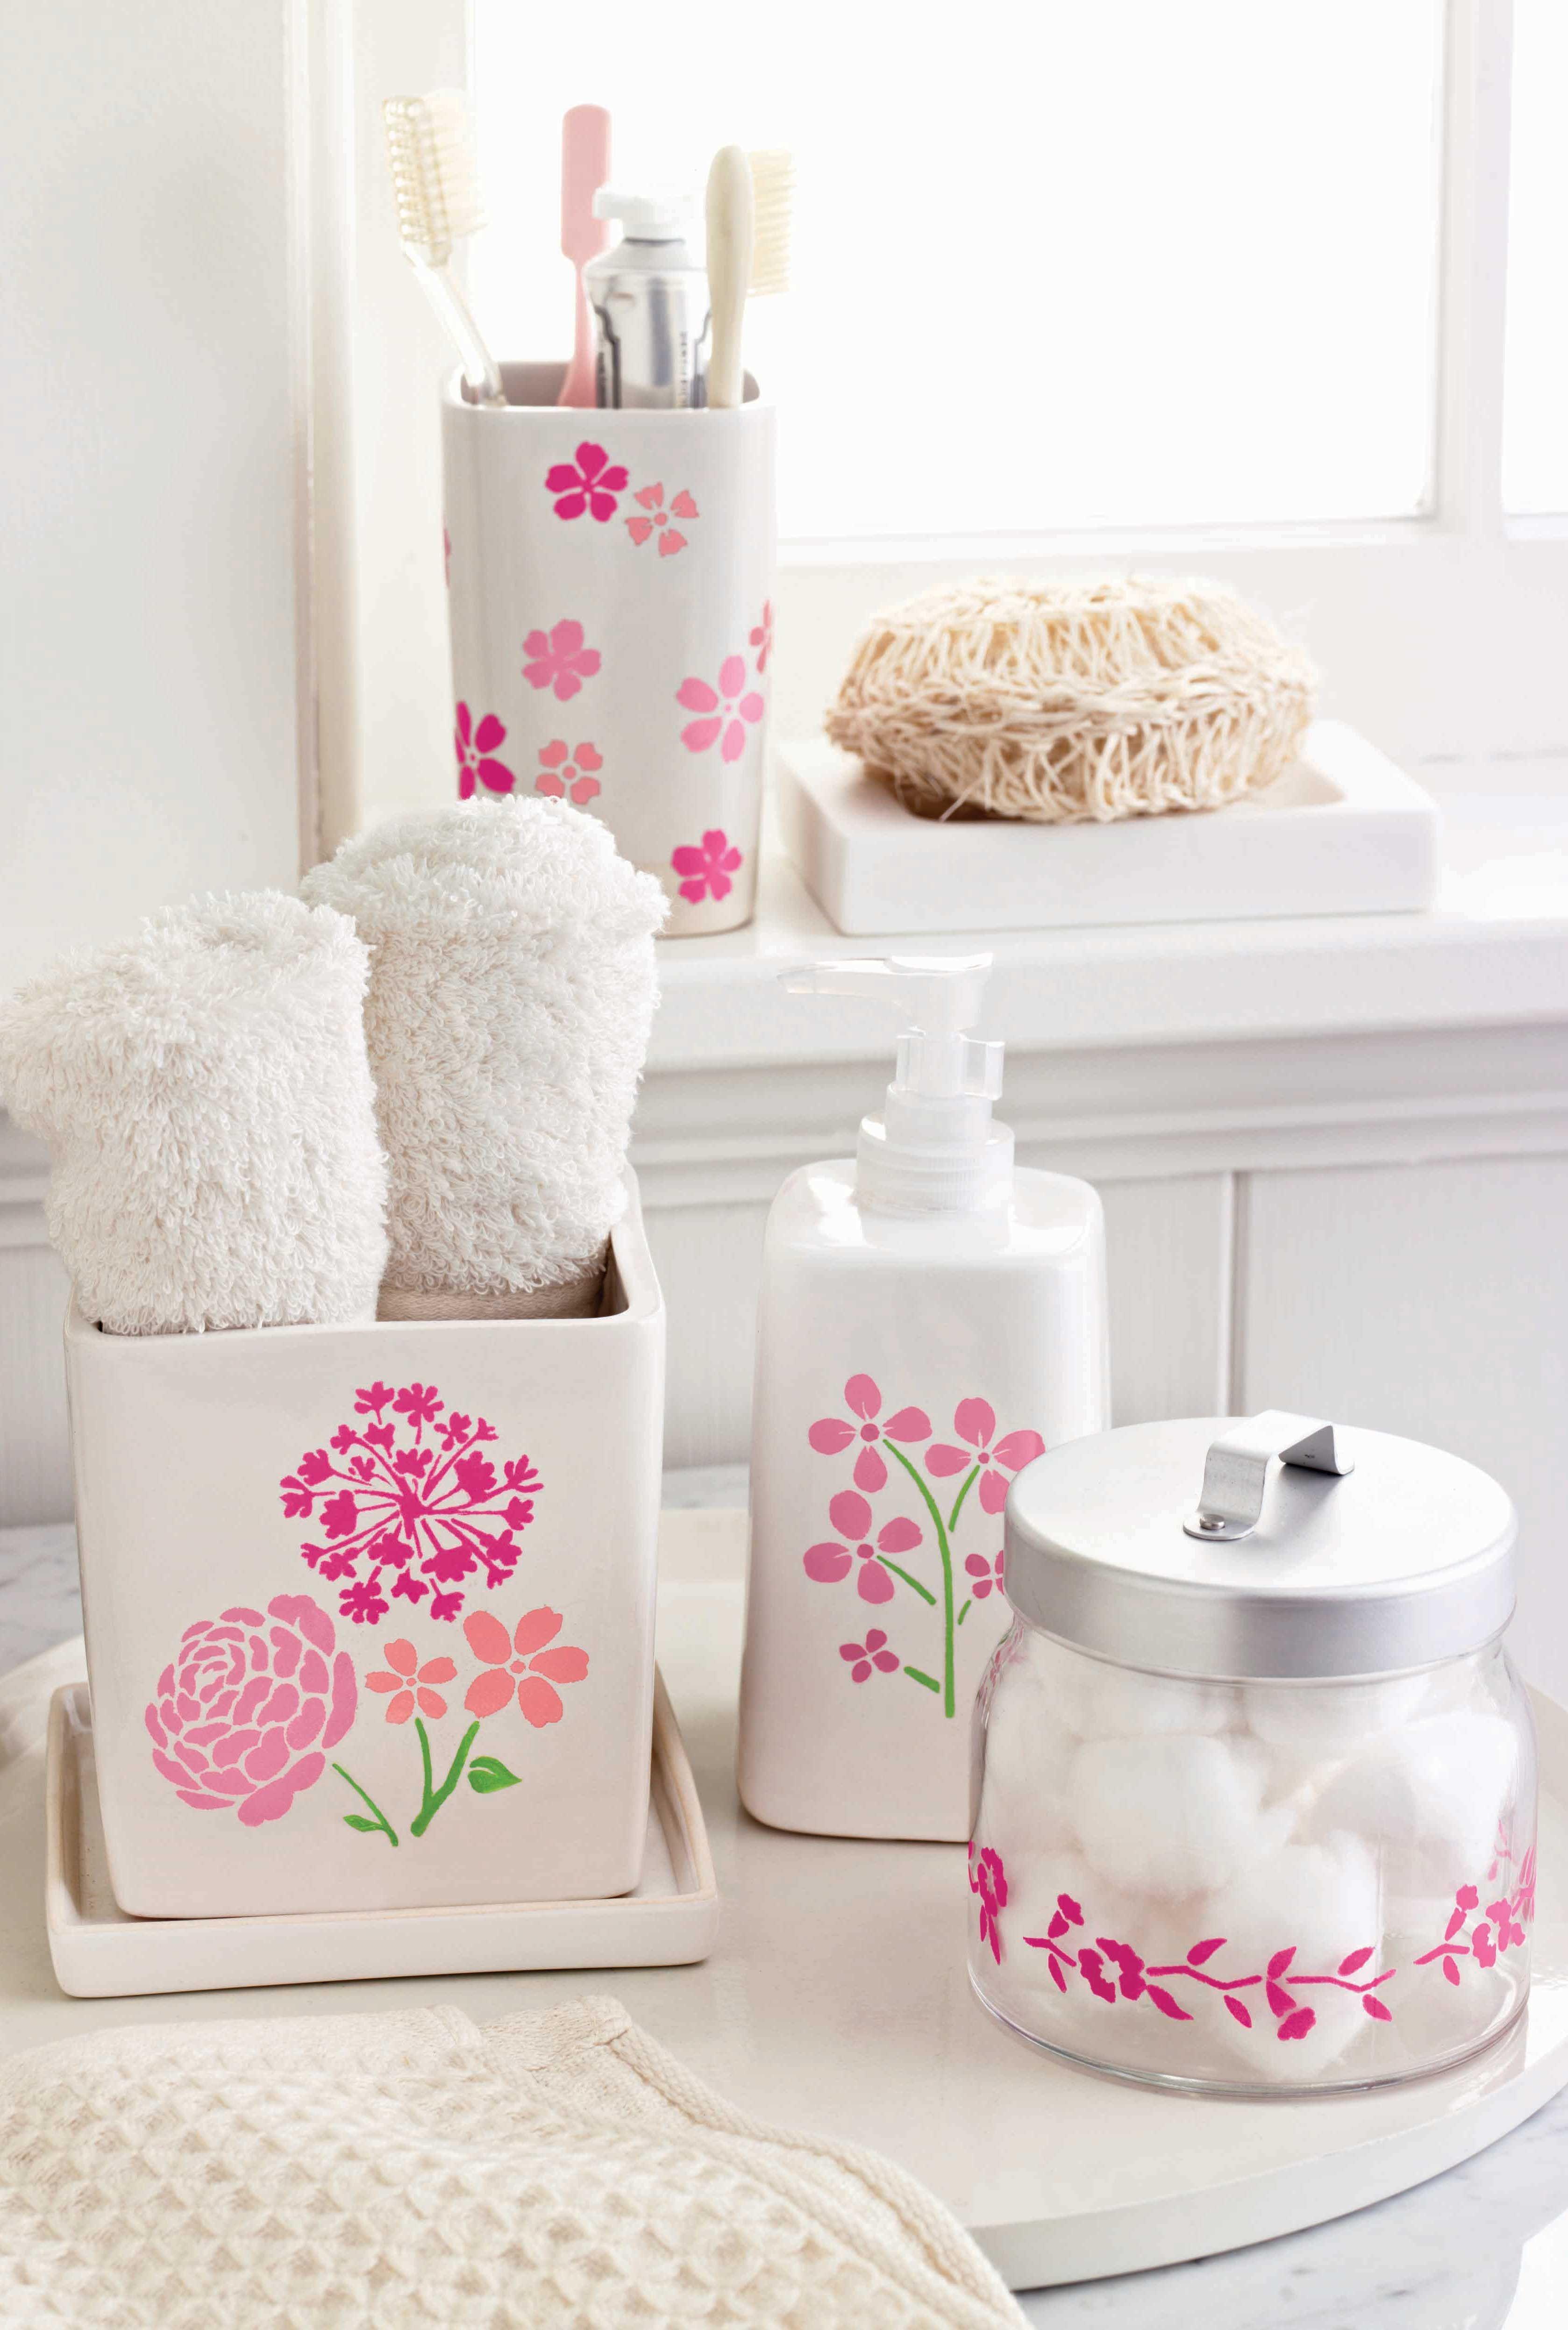 Martha Stewart Crafts Blossoms Adhesive Stencils | Pinterest | Reuse ...